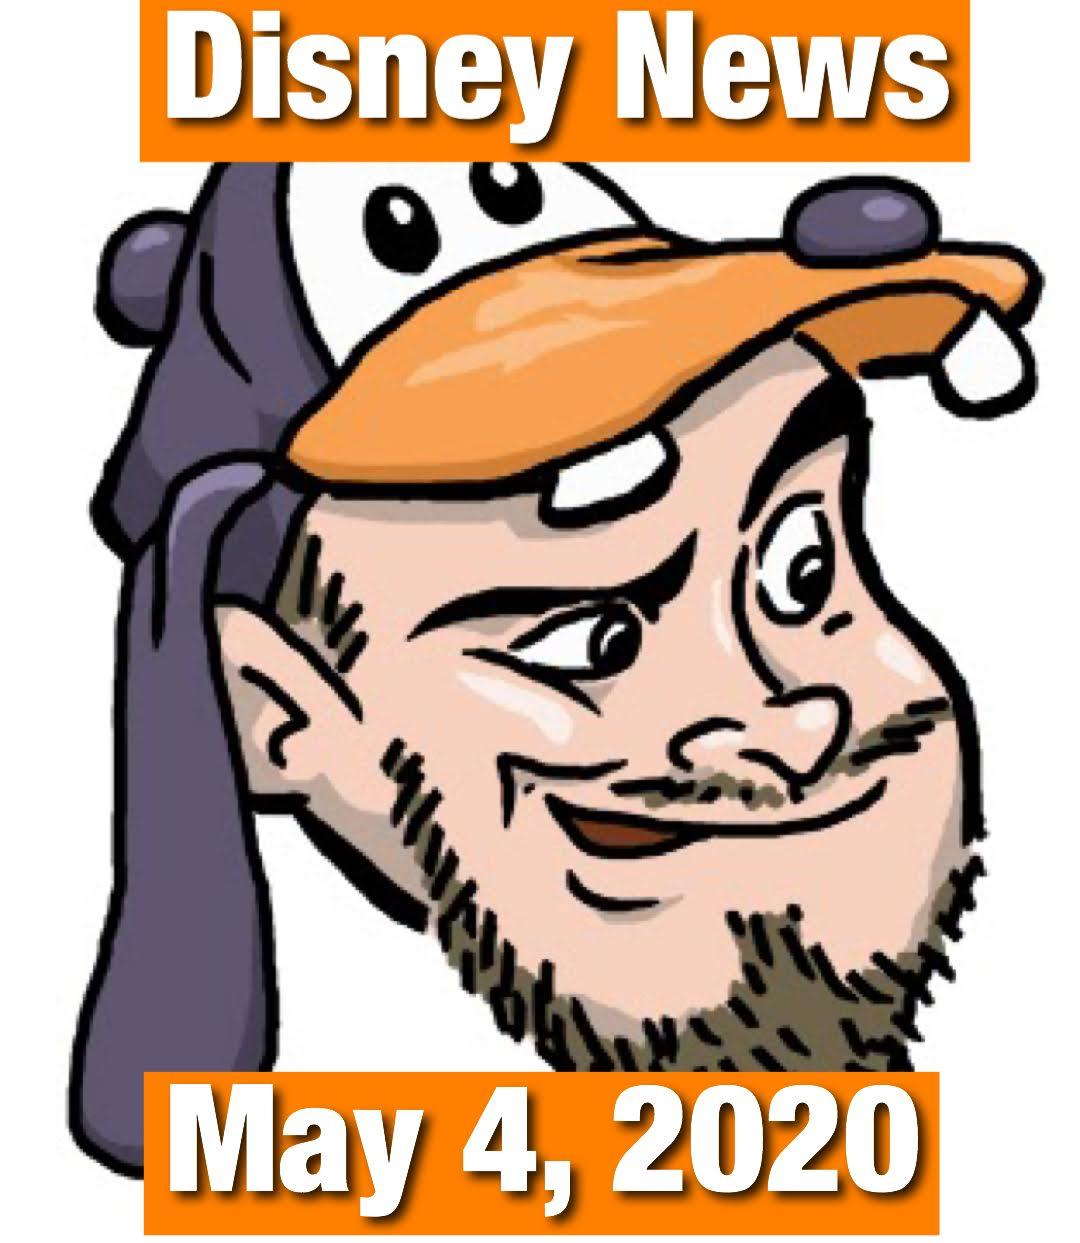 Disney News For 5/4/2020